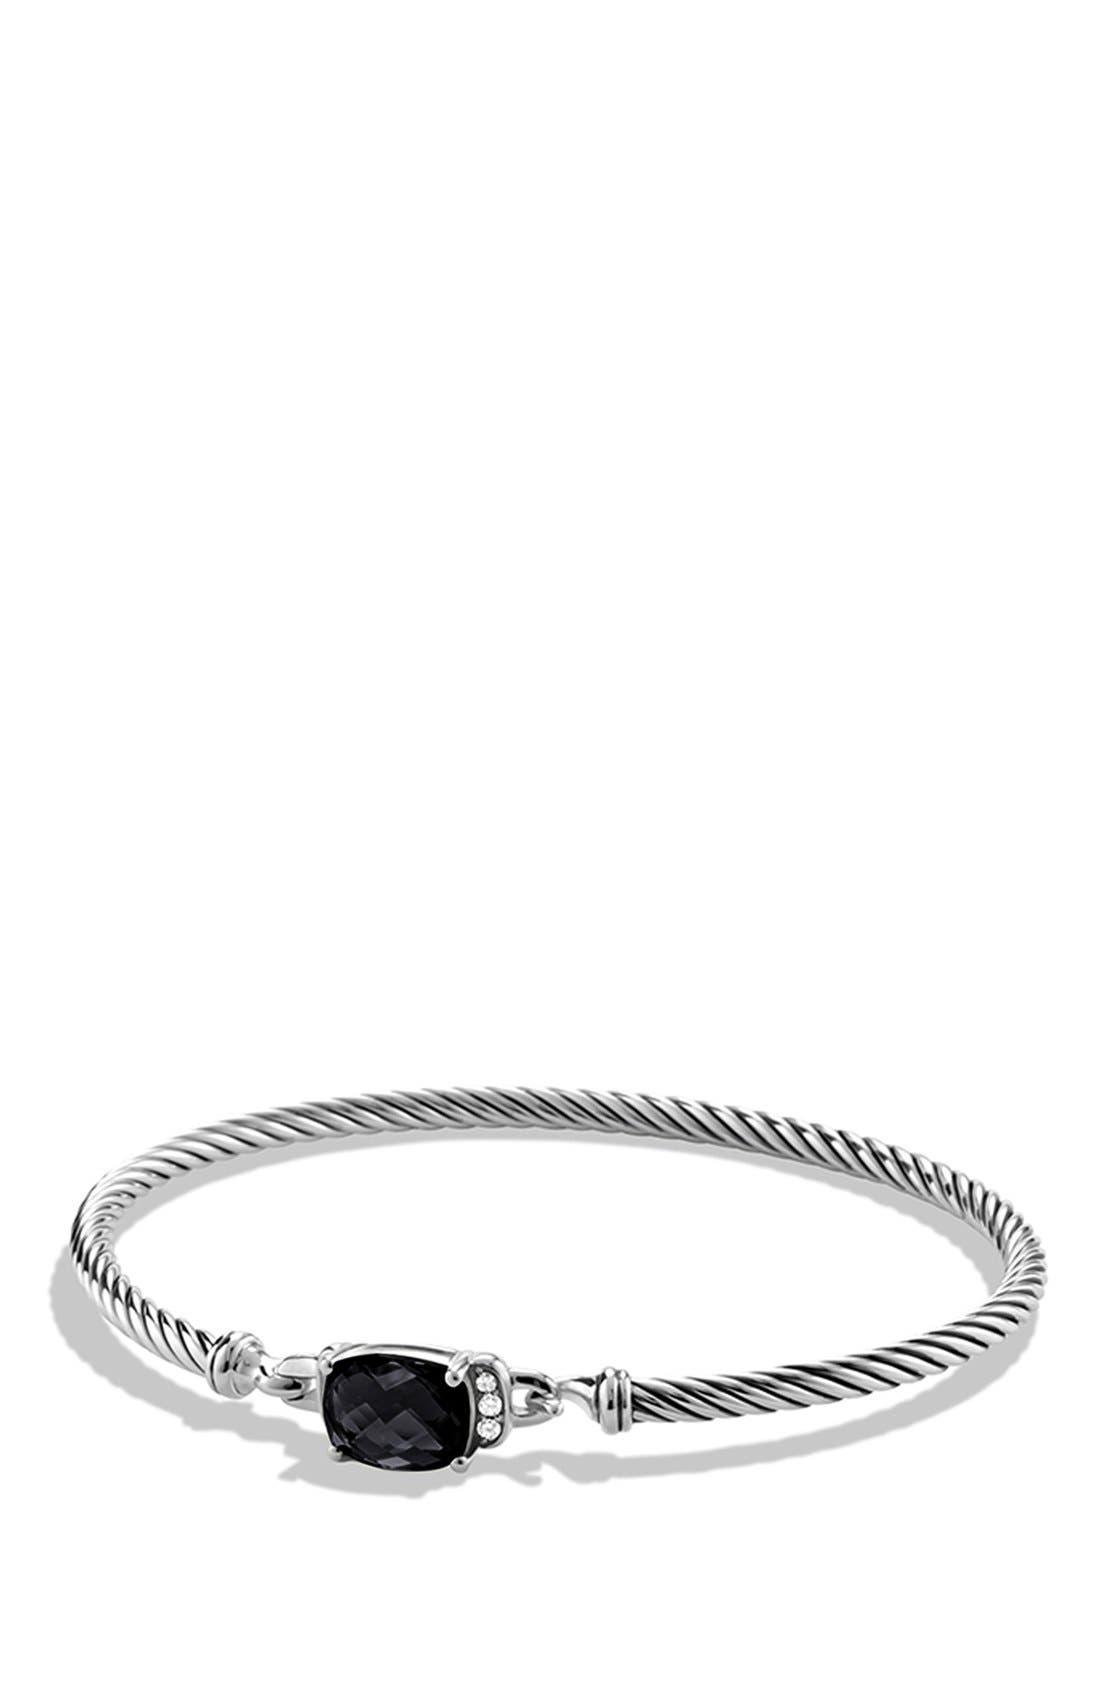 DAVID YURMAN Petite Wheaton Bracelet with Semiprecious Stone & Diamonds